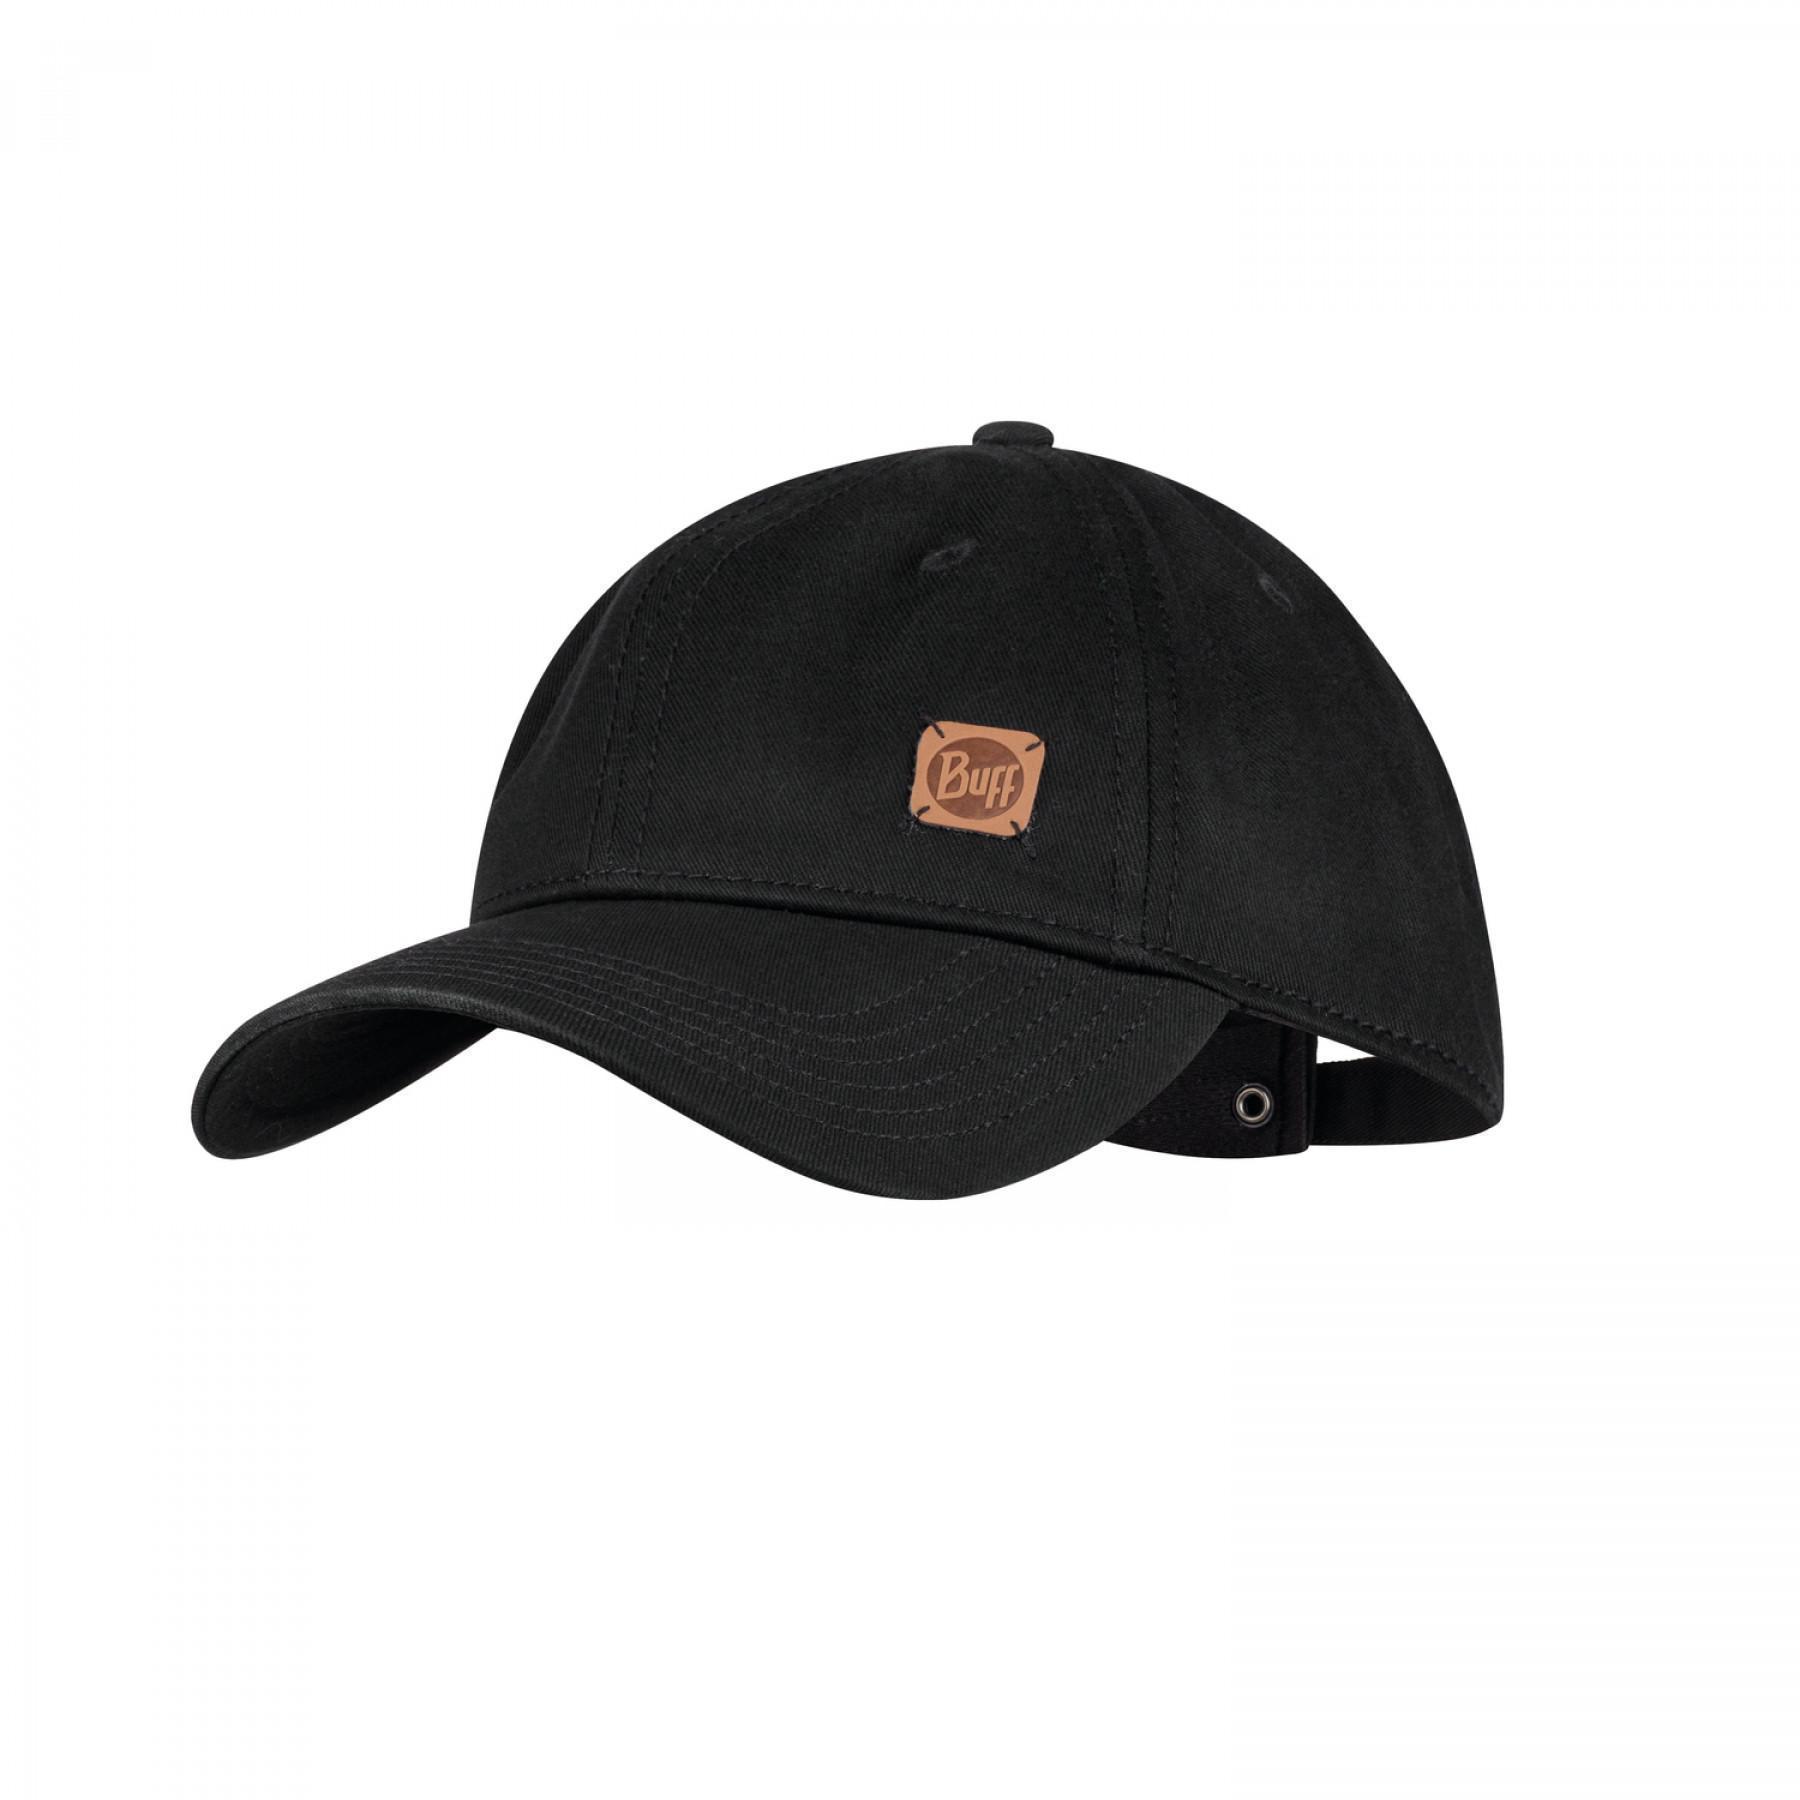 Baseball cap Buff black